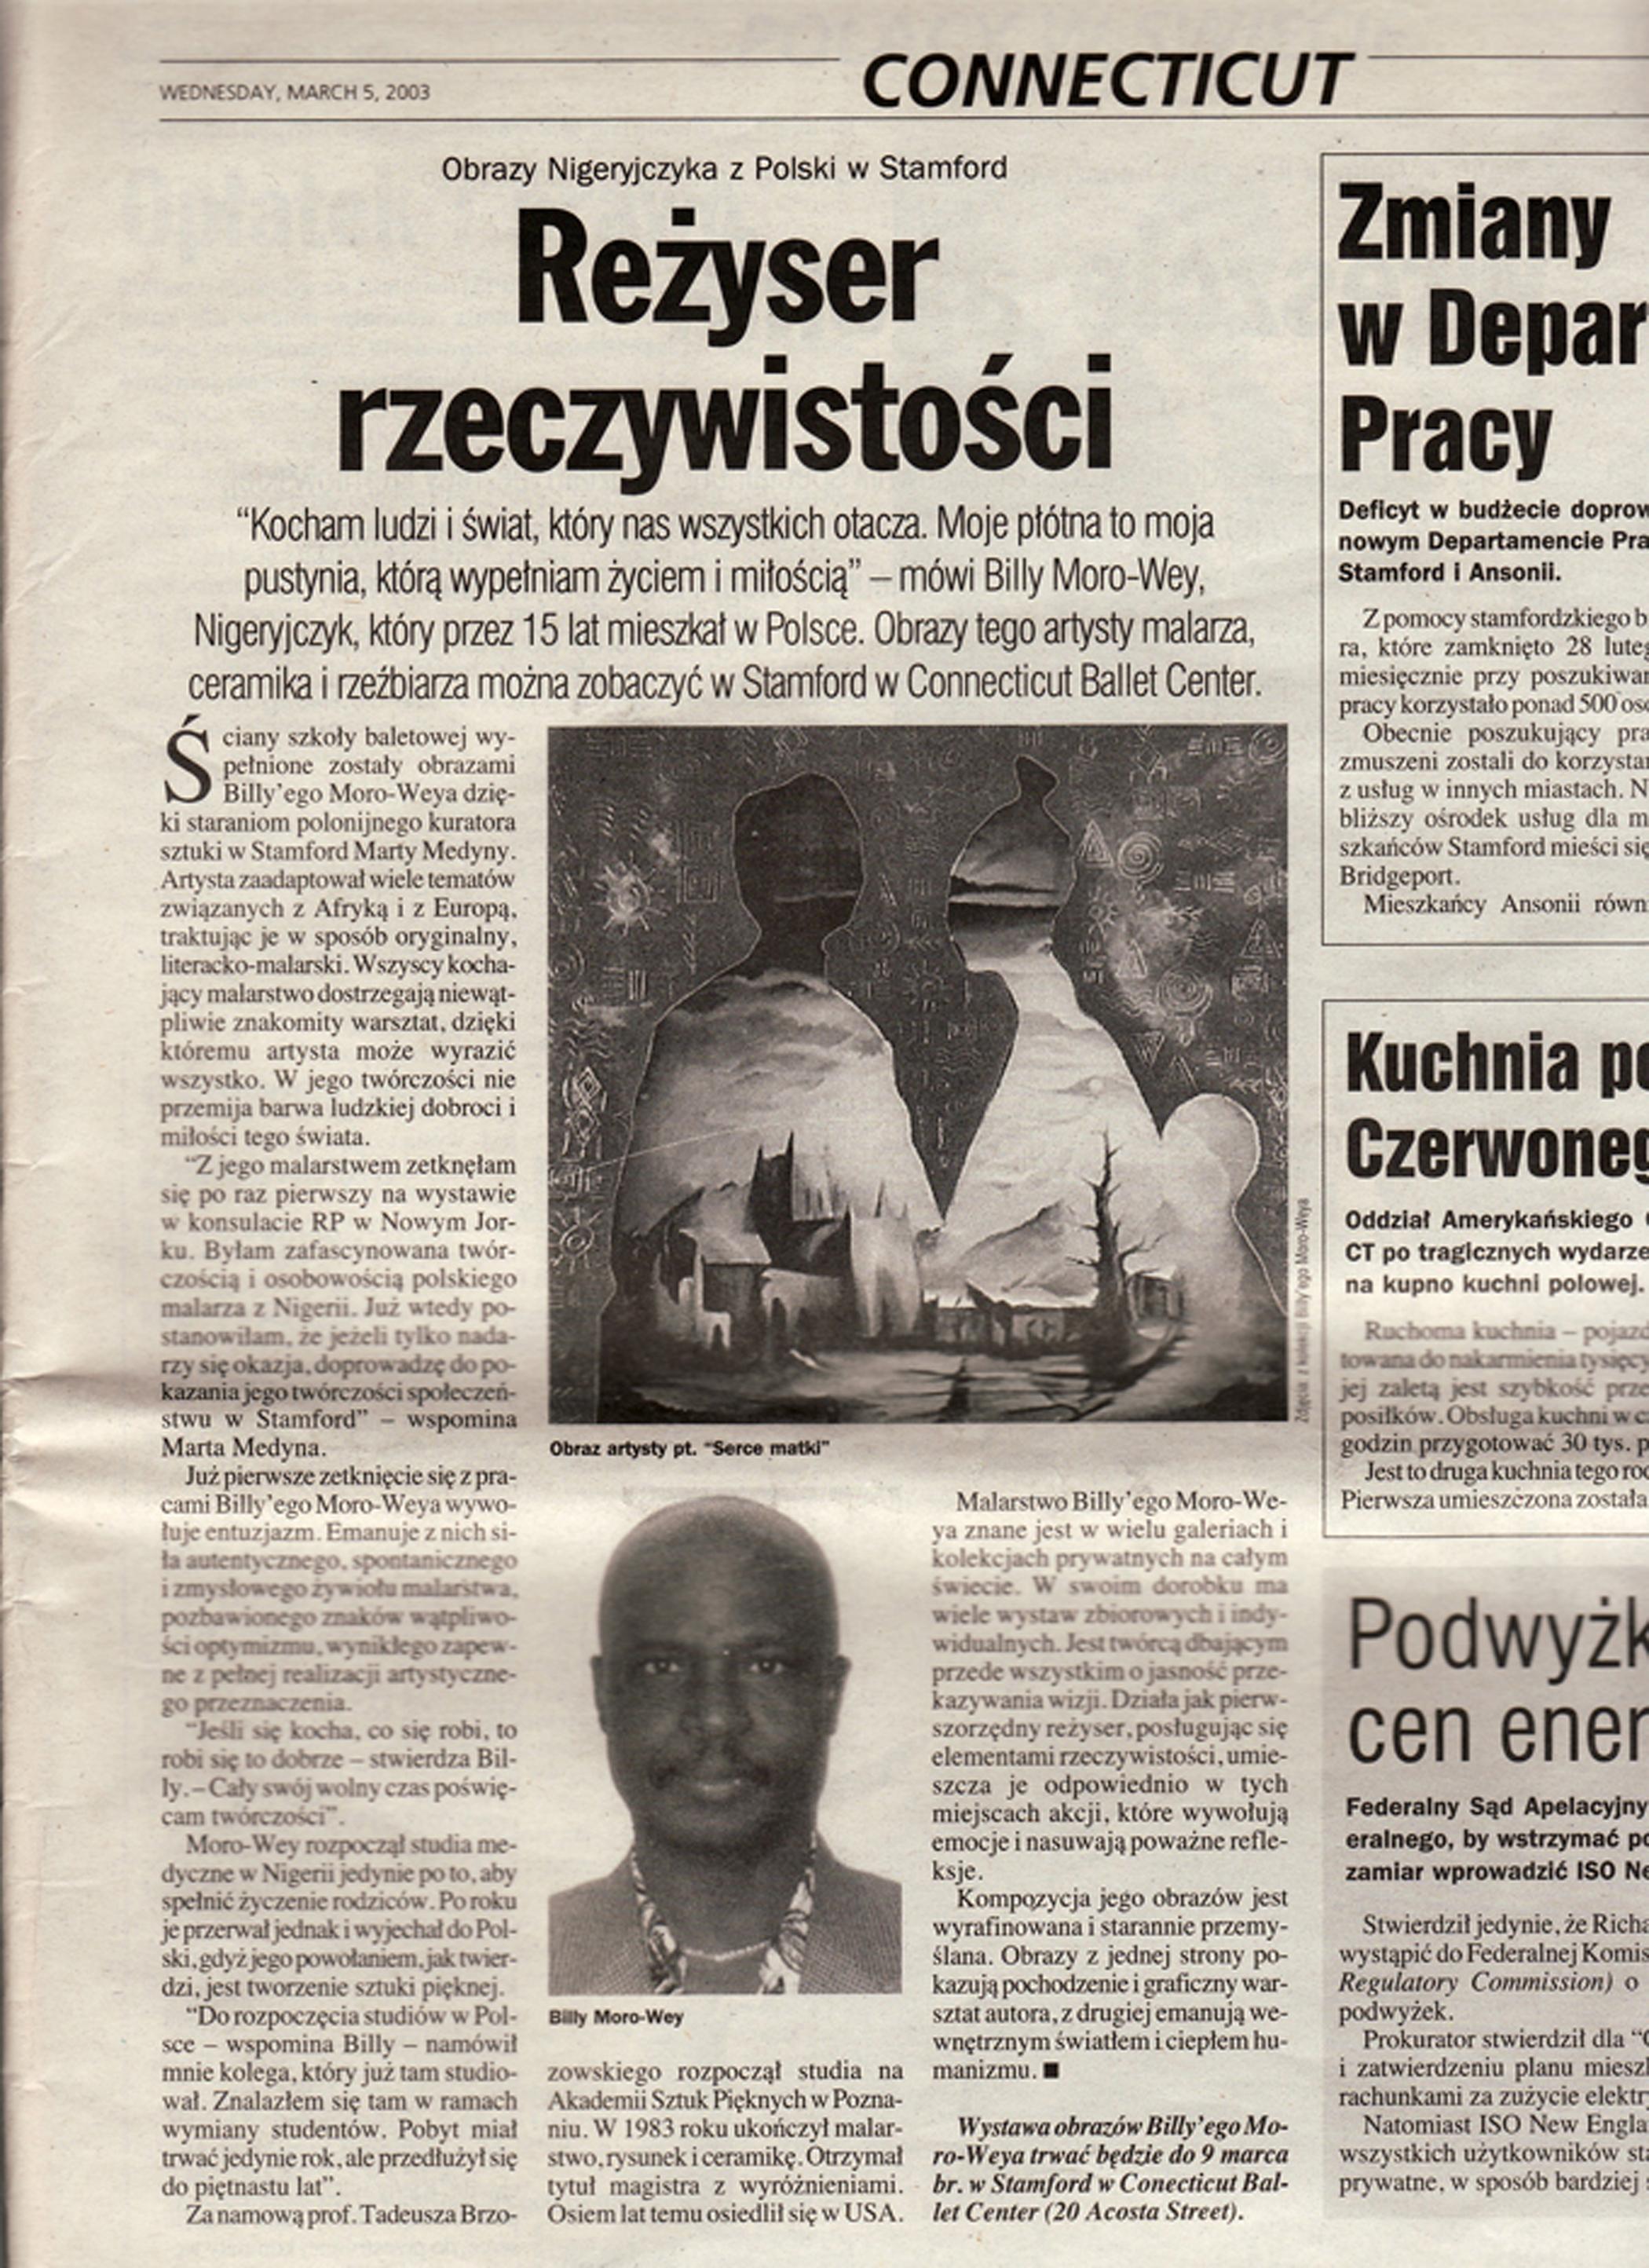 Nowy Dzienik, Dir. of Reality